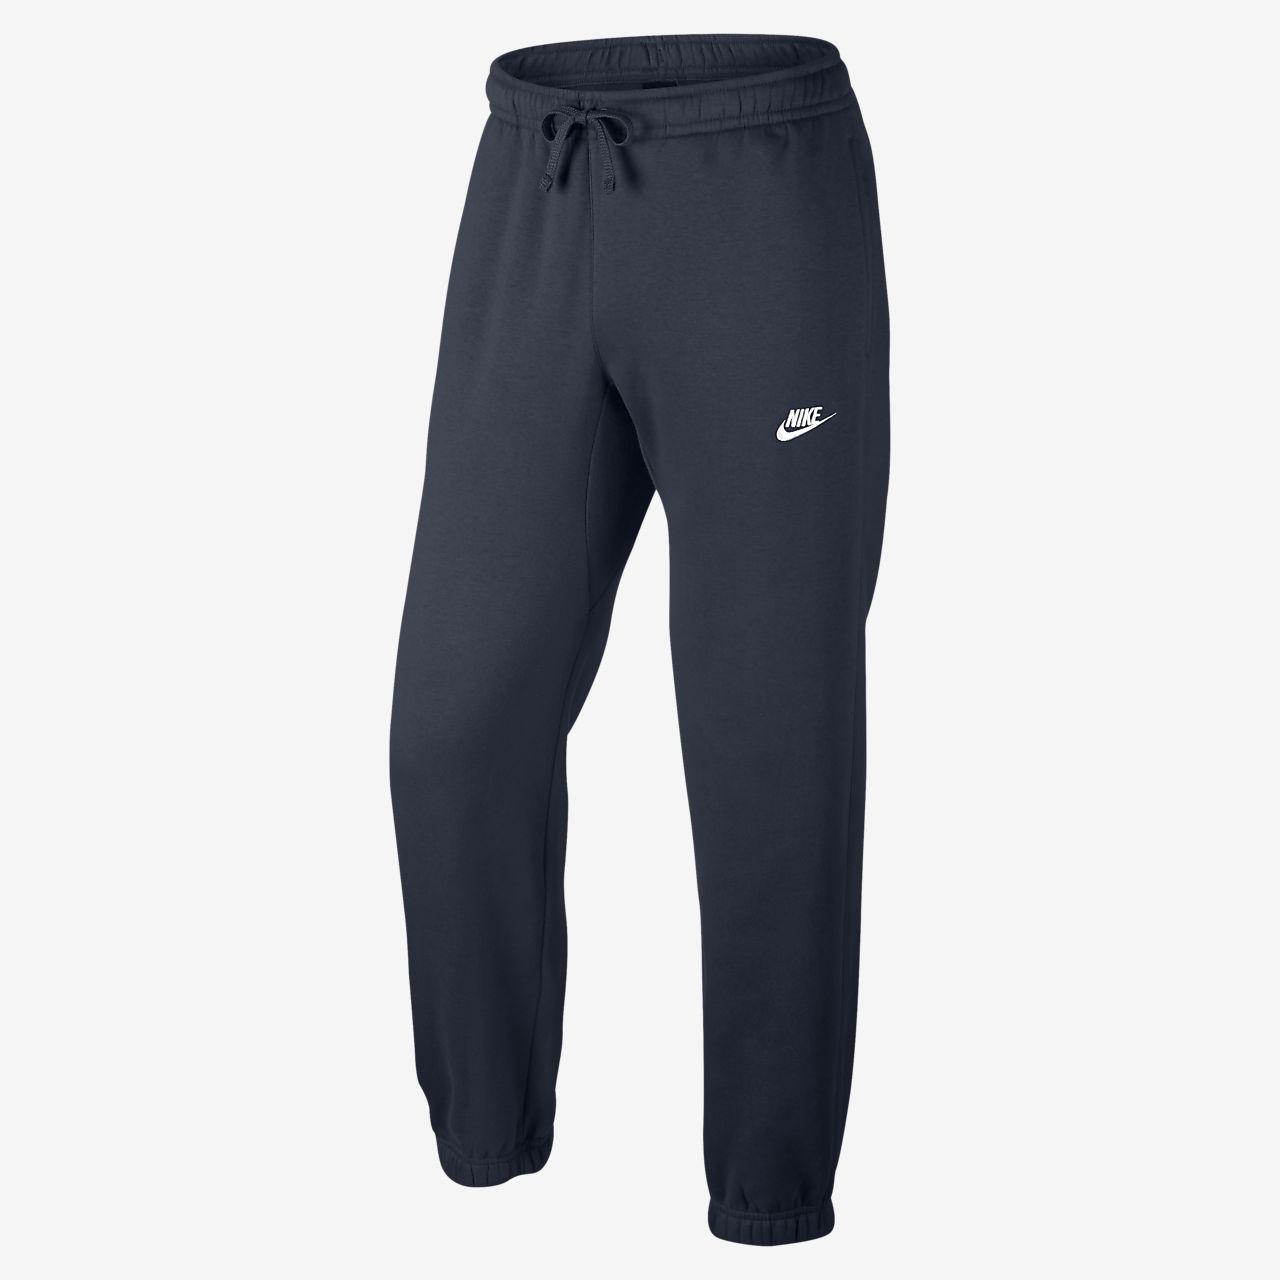 Мужские флисовые брюки со стандартной посадкой Nike Sportswear. Nike ... c17ff1f64fb